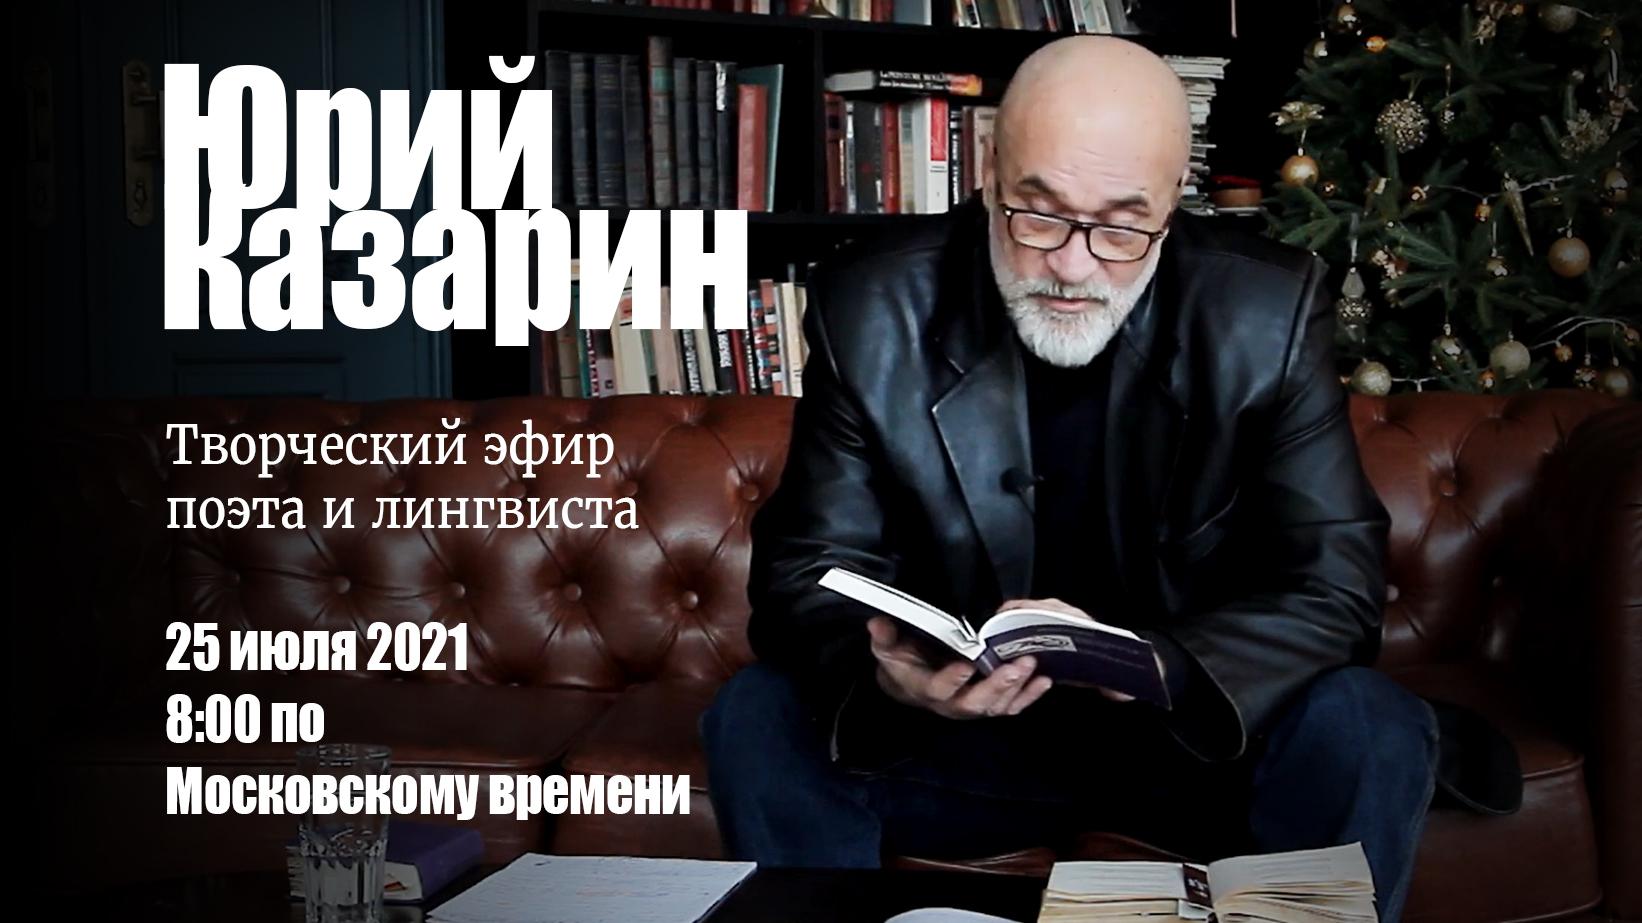 Творческий эфир Юрия Казарина 25 июля 2021